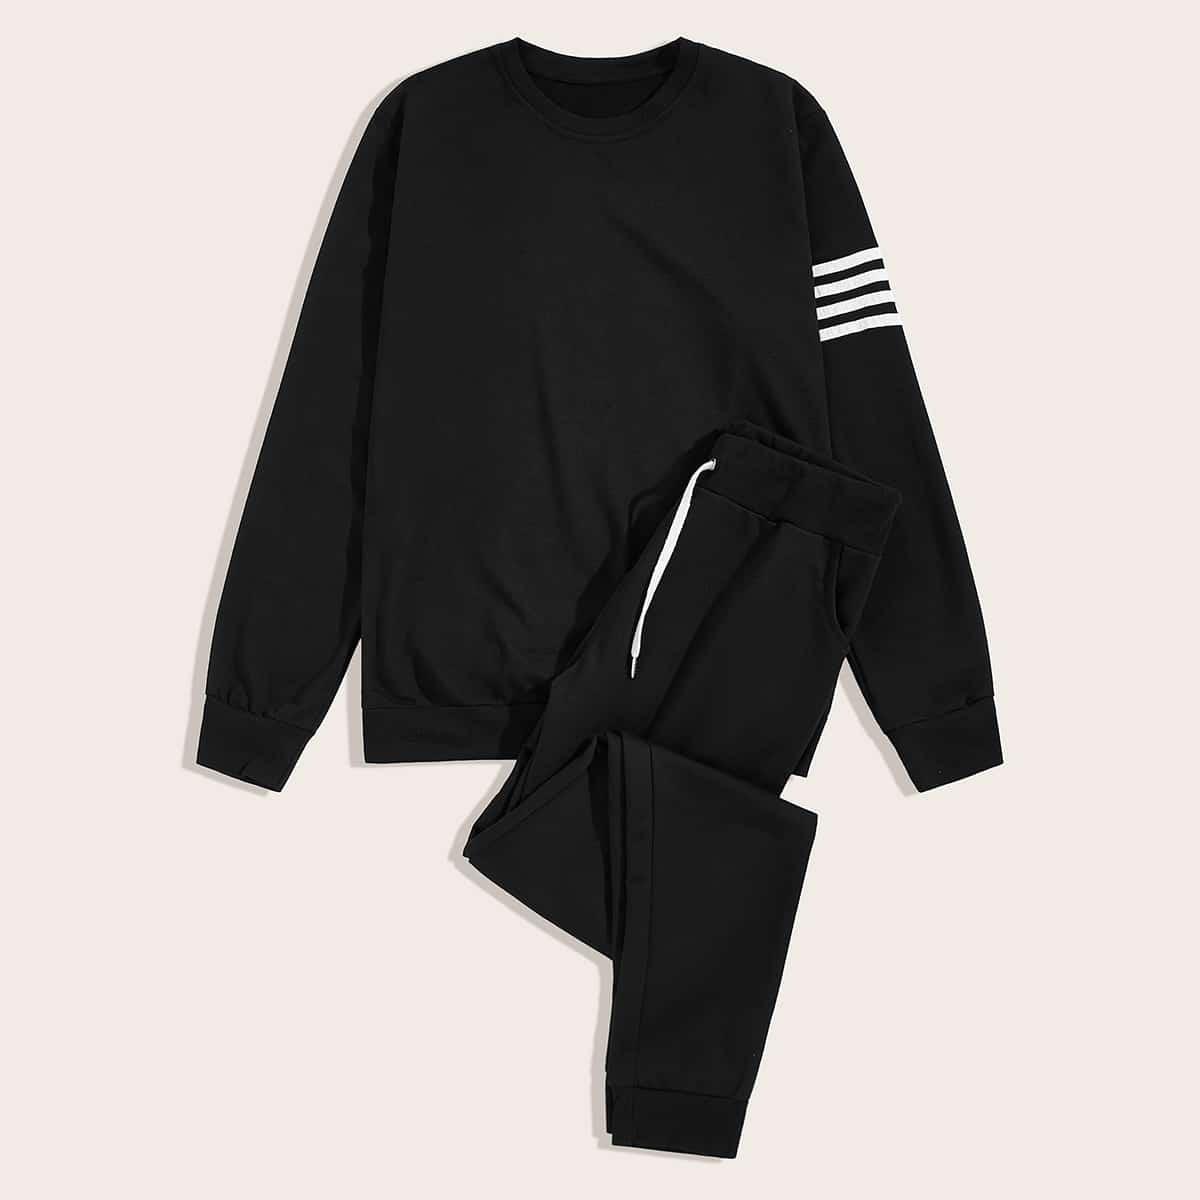 Мужские спортивные брюки и свитшот с полосками от SHEIN